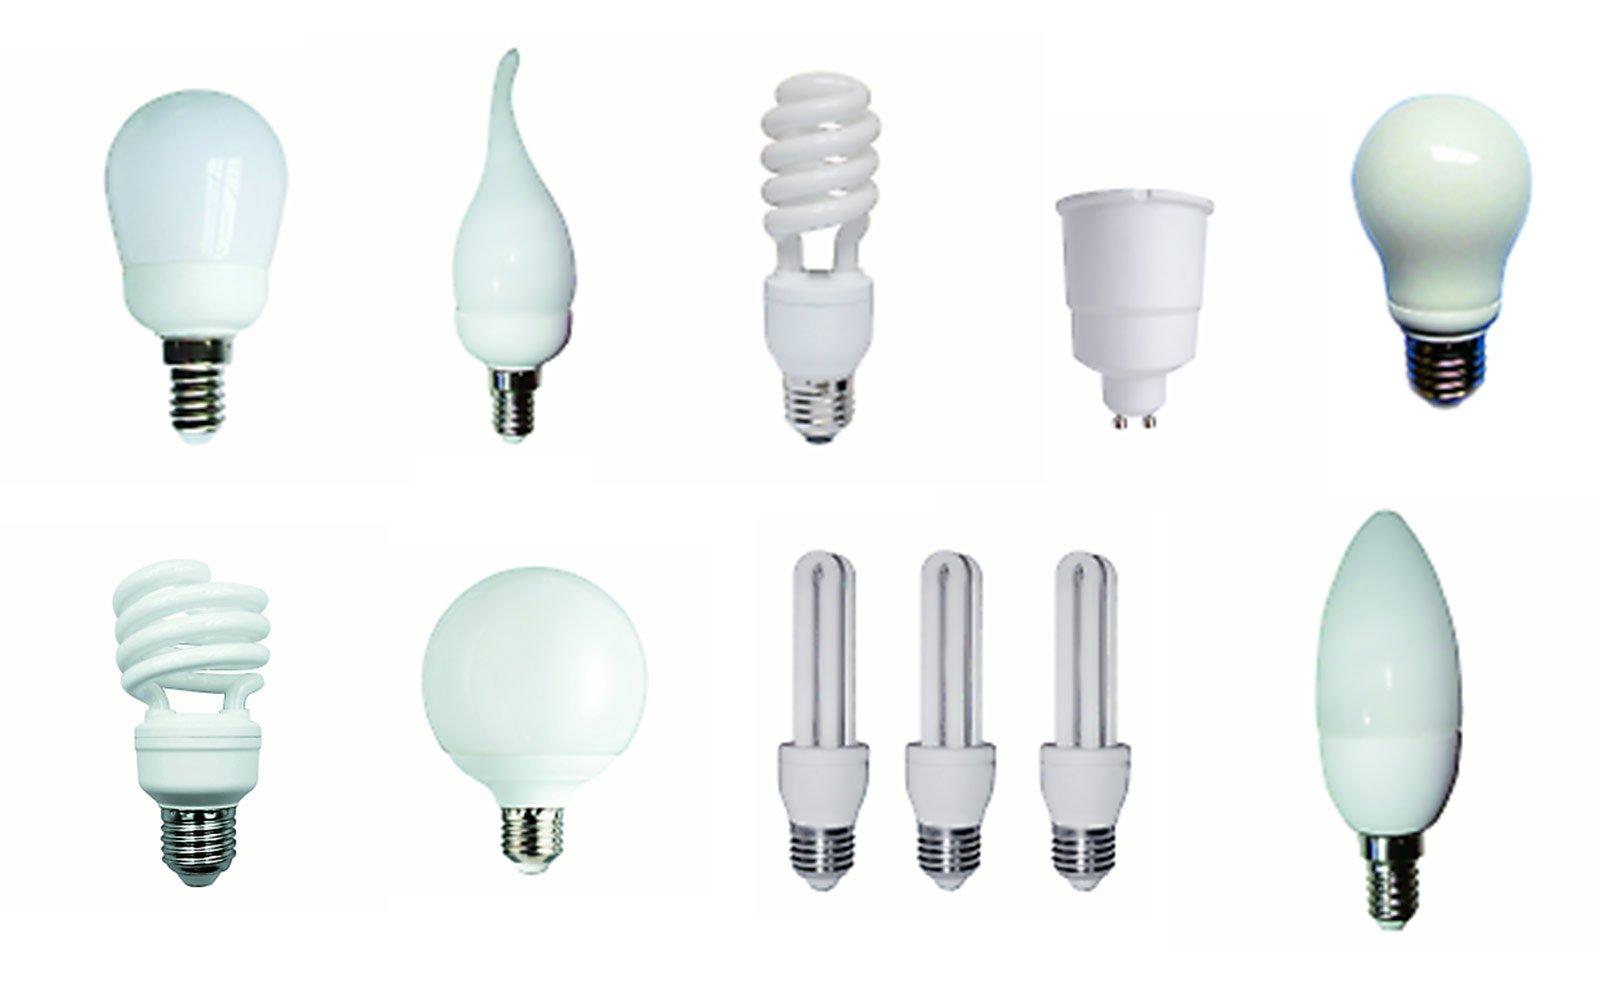 Lampade fluorescenti stop all ecocontributo raee cose for Costo lampadine led